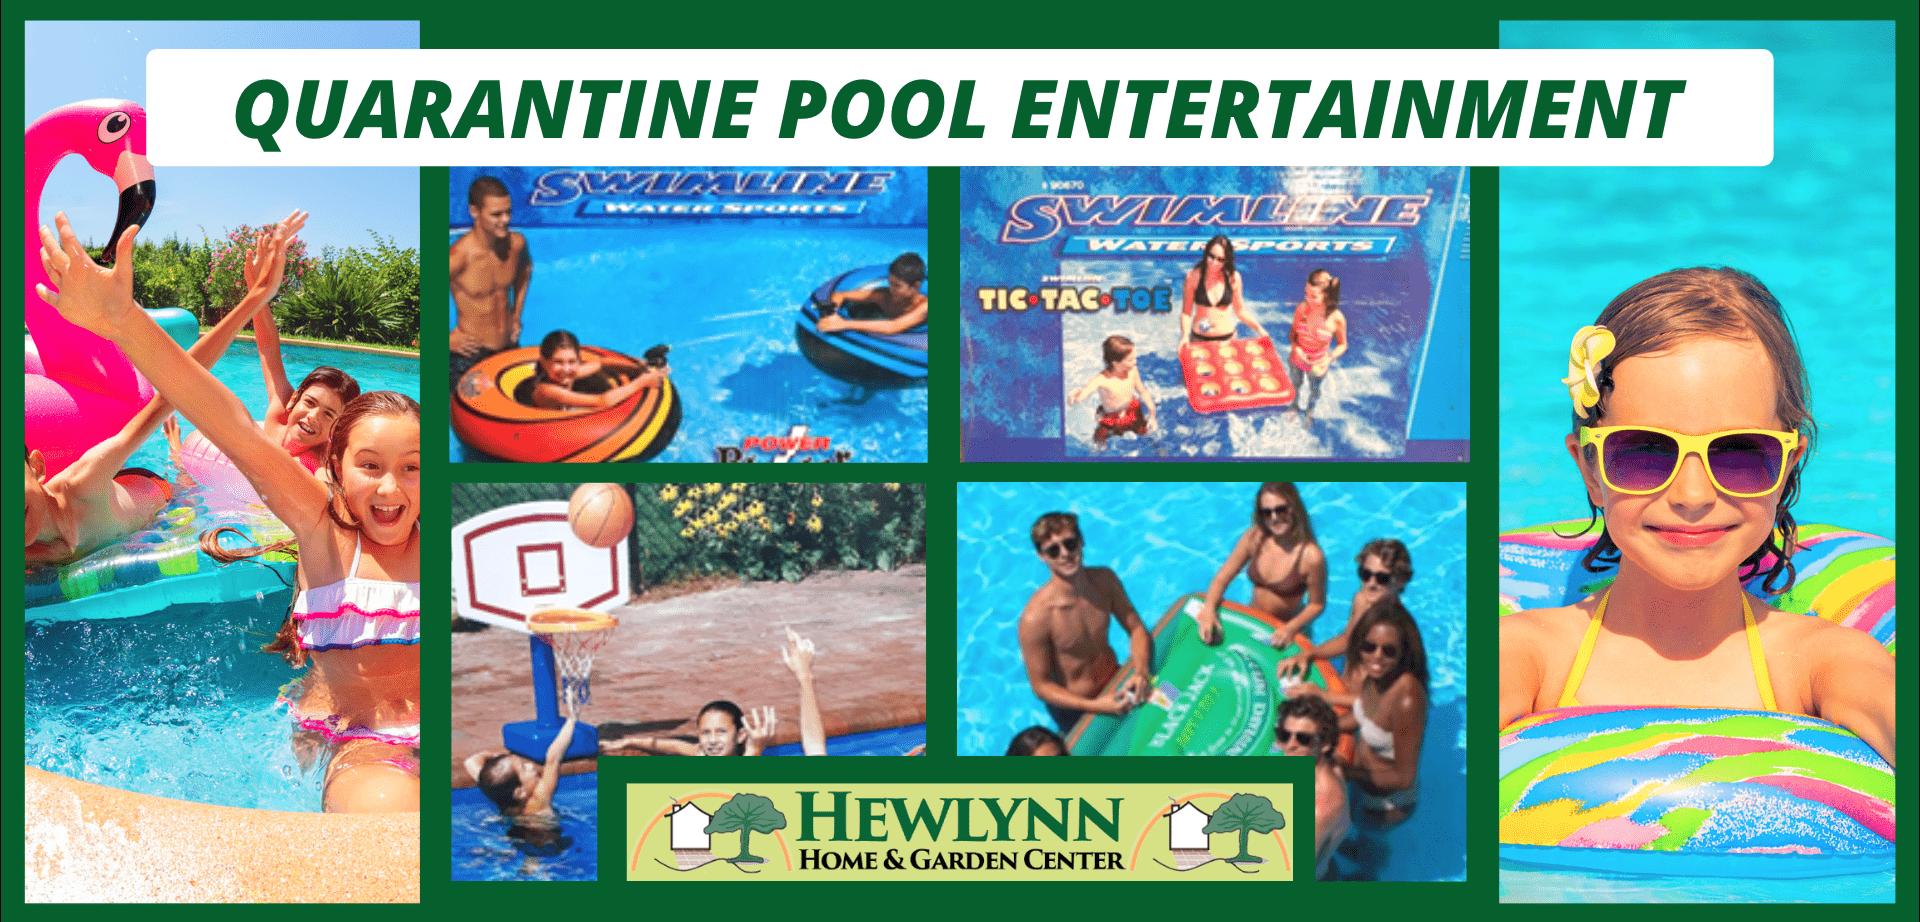 Quarantine Pool Entertainment